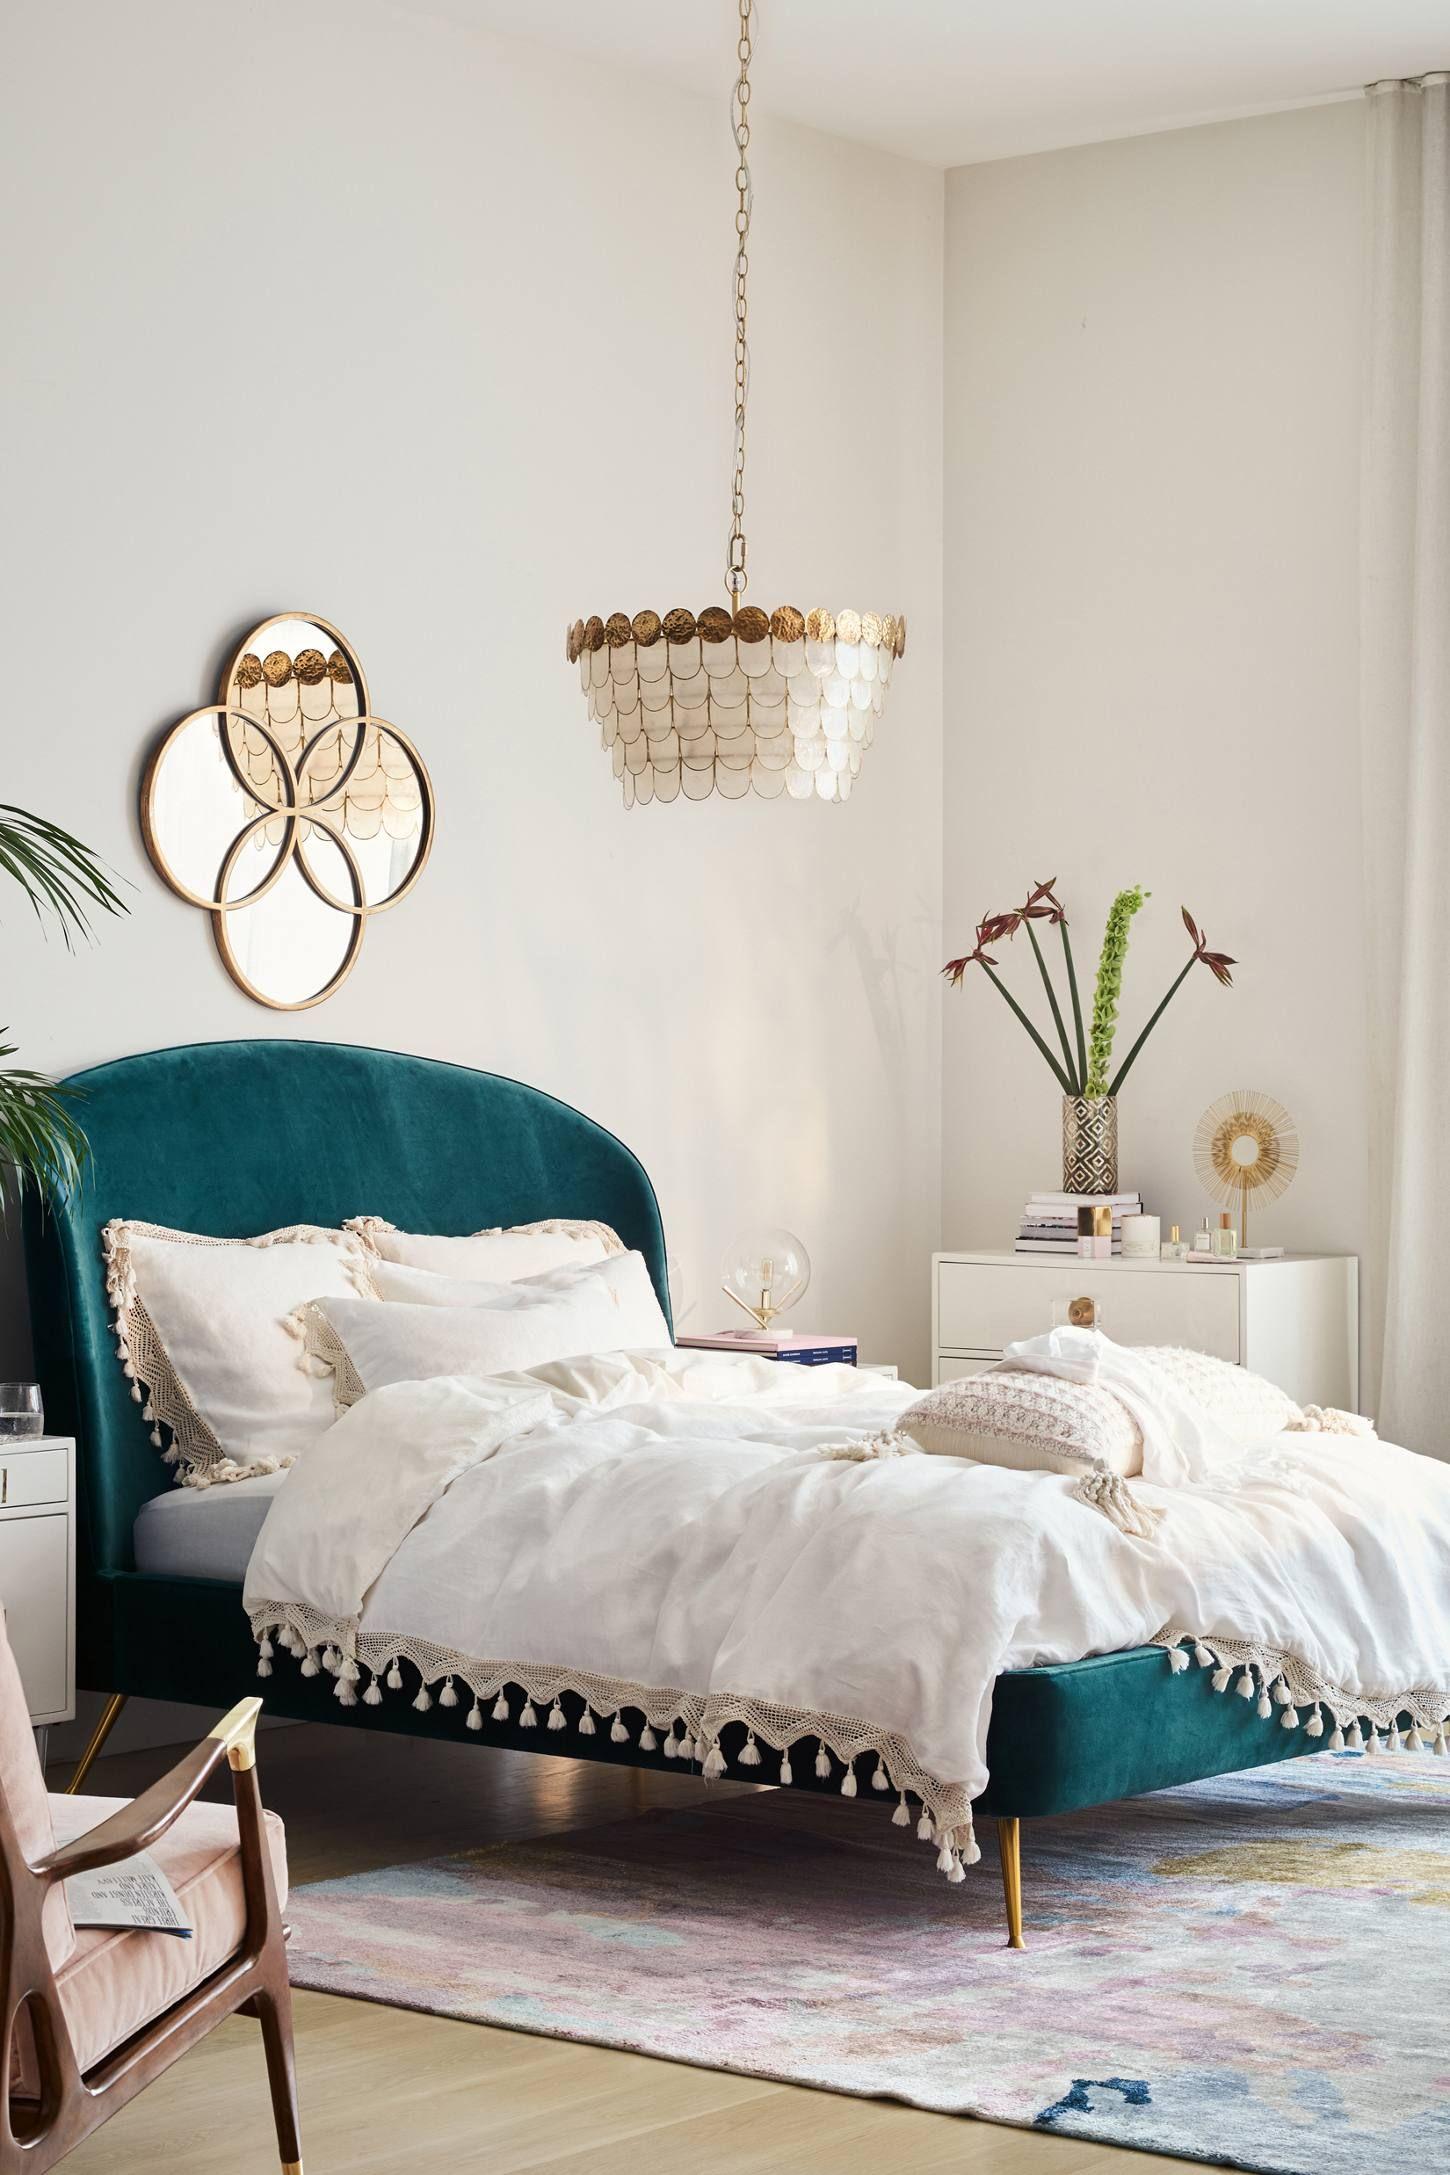 Tasseled Linen Duvet Cover in 2020 Home decor bedroom